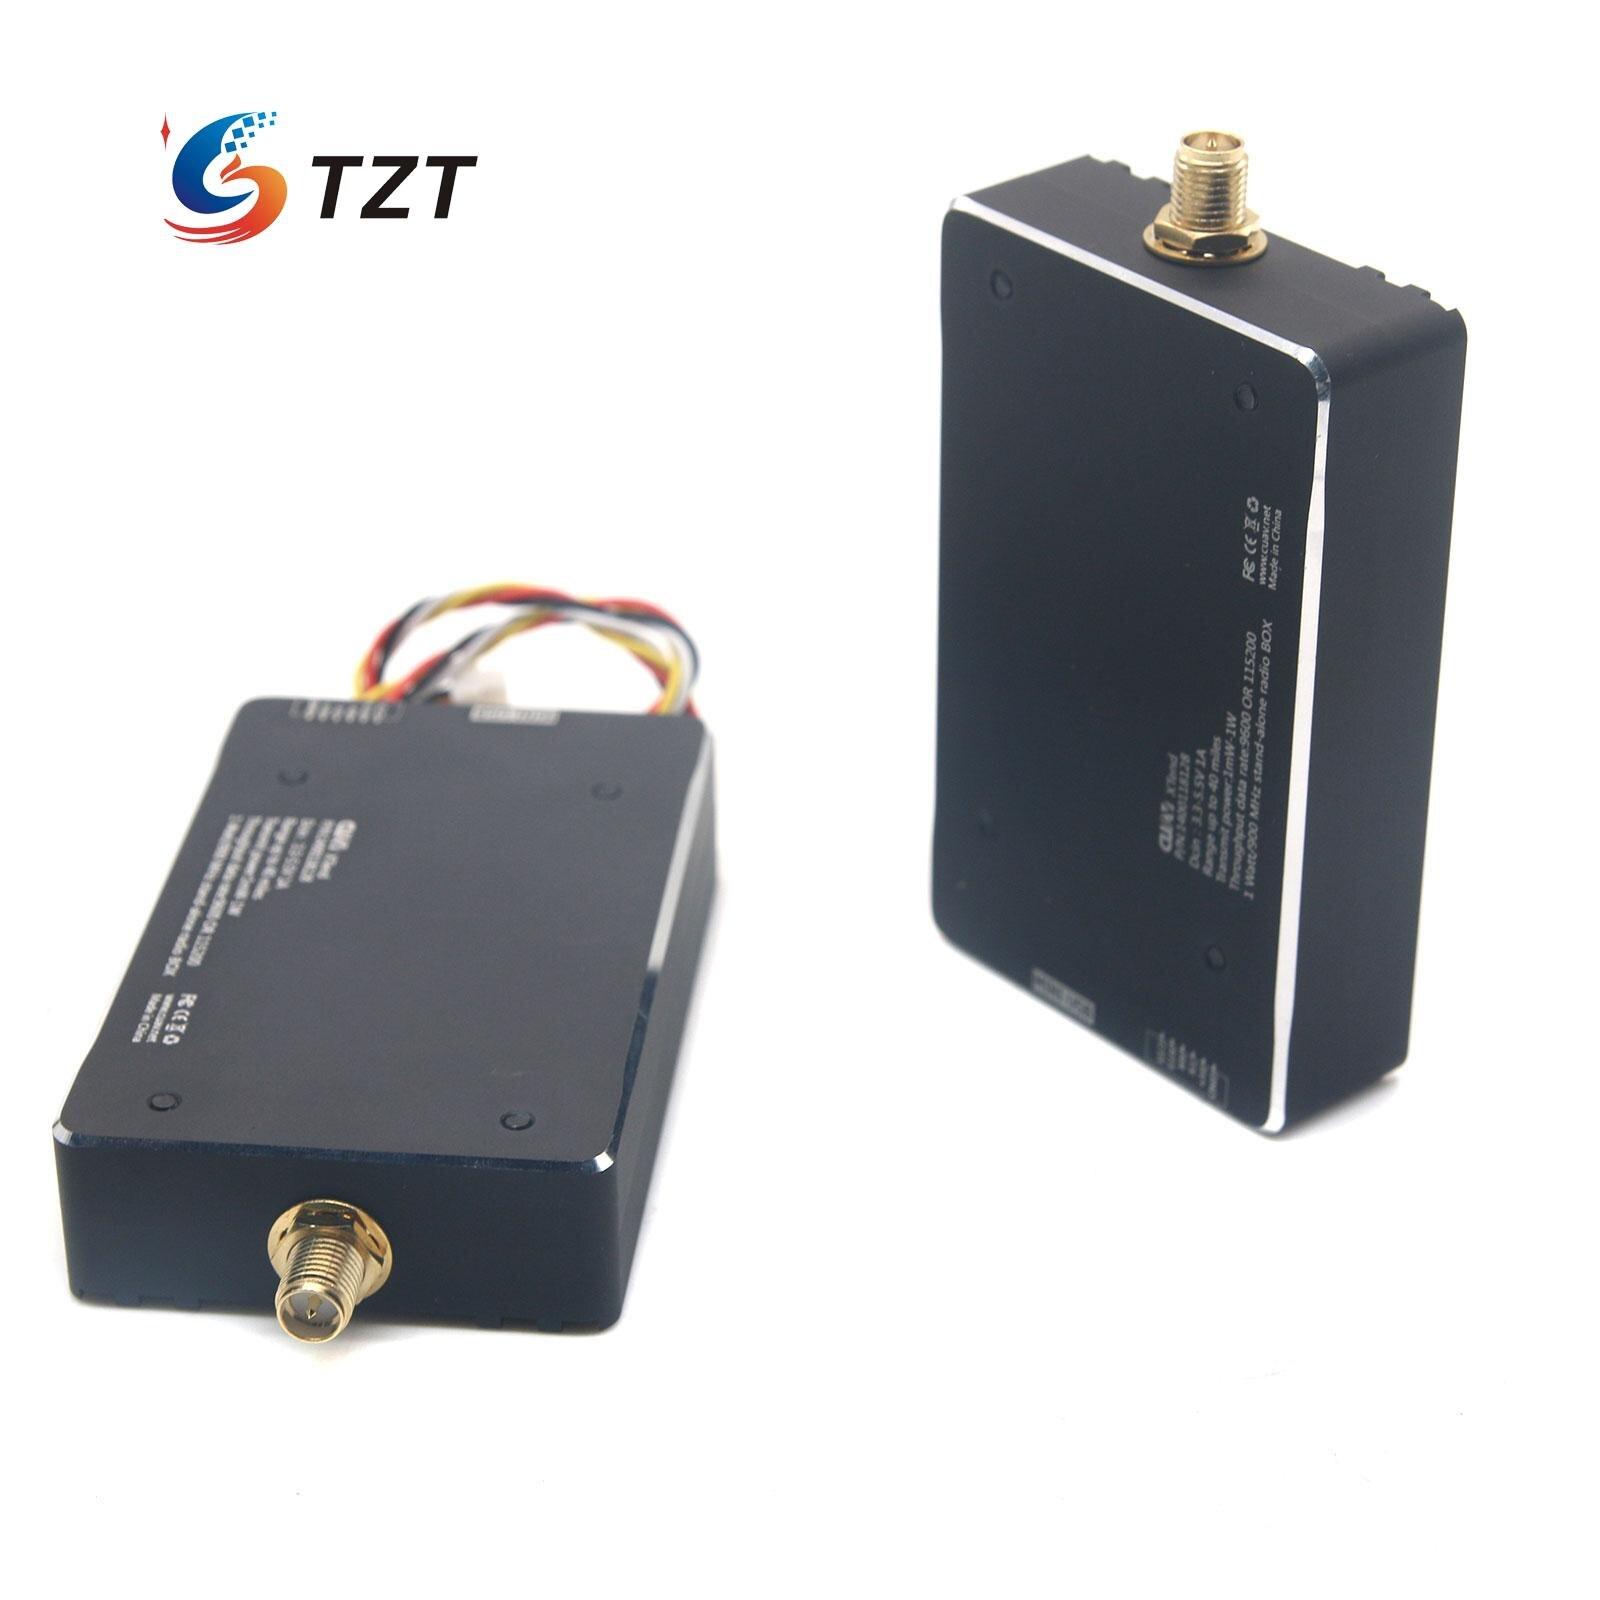 Xtend XTP9B Wireless Data Transmission Module Kit RF Box 900mAh 1W for APM Pixhawk Pixhack Flight